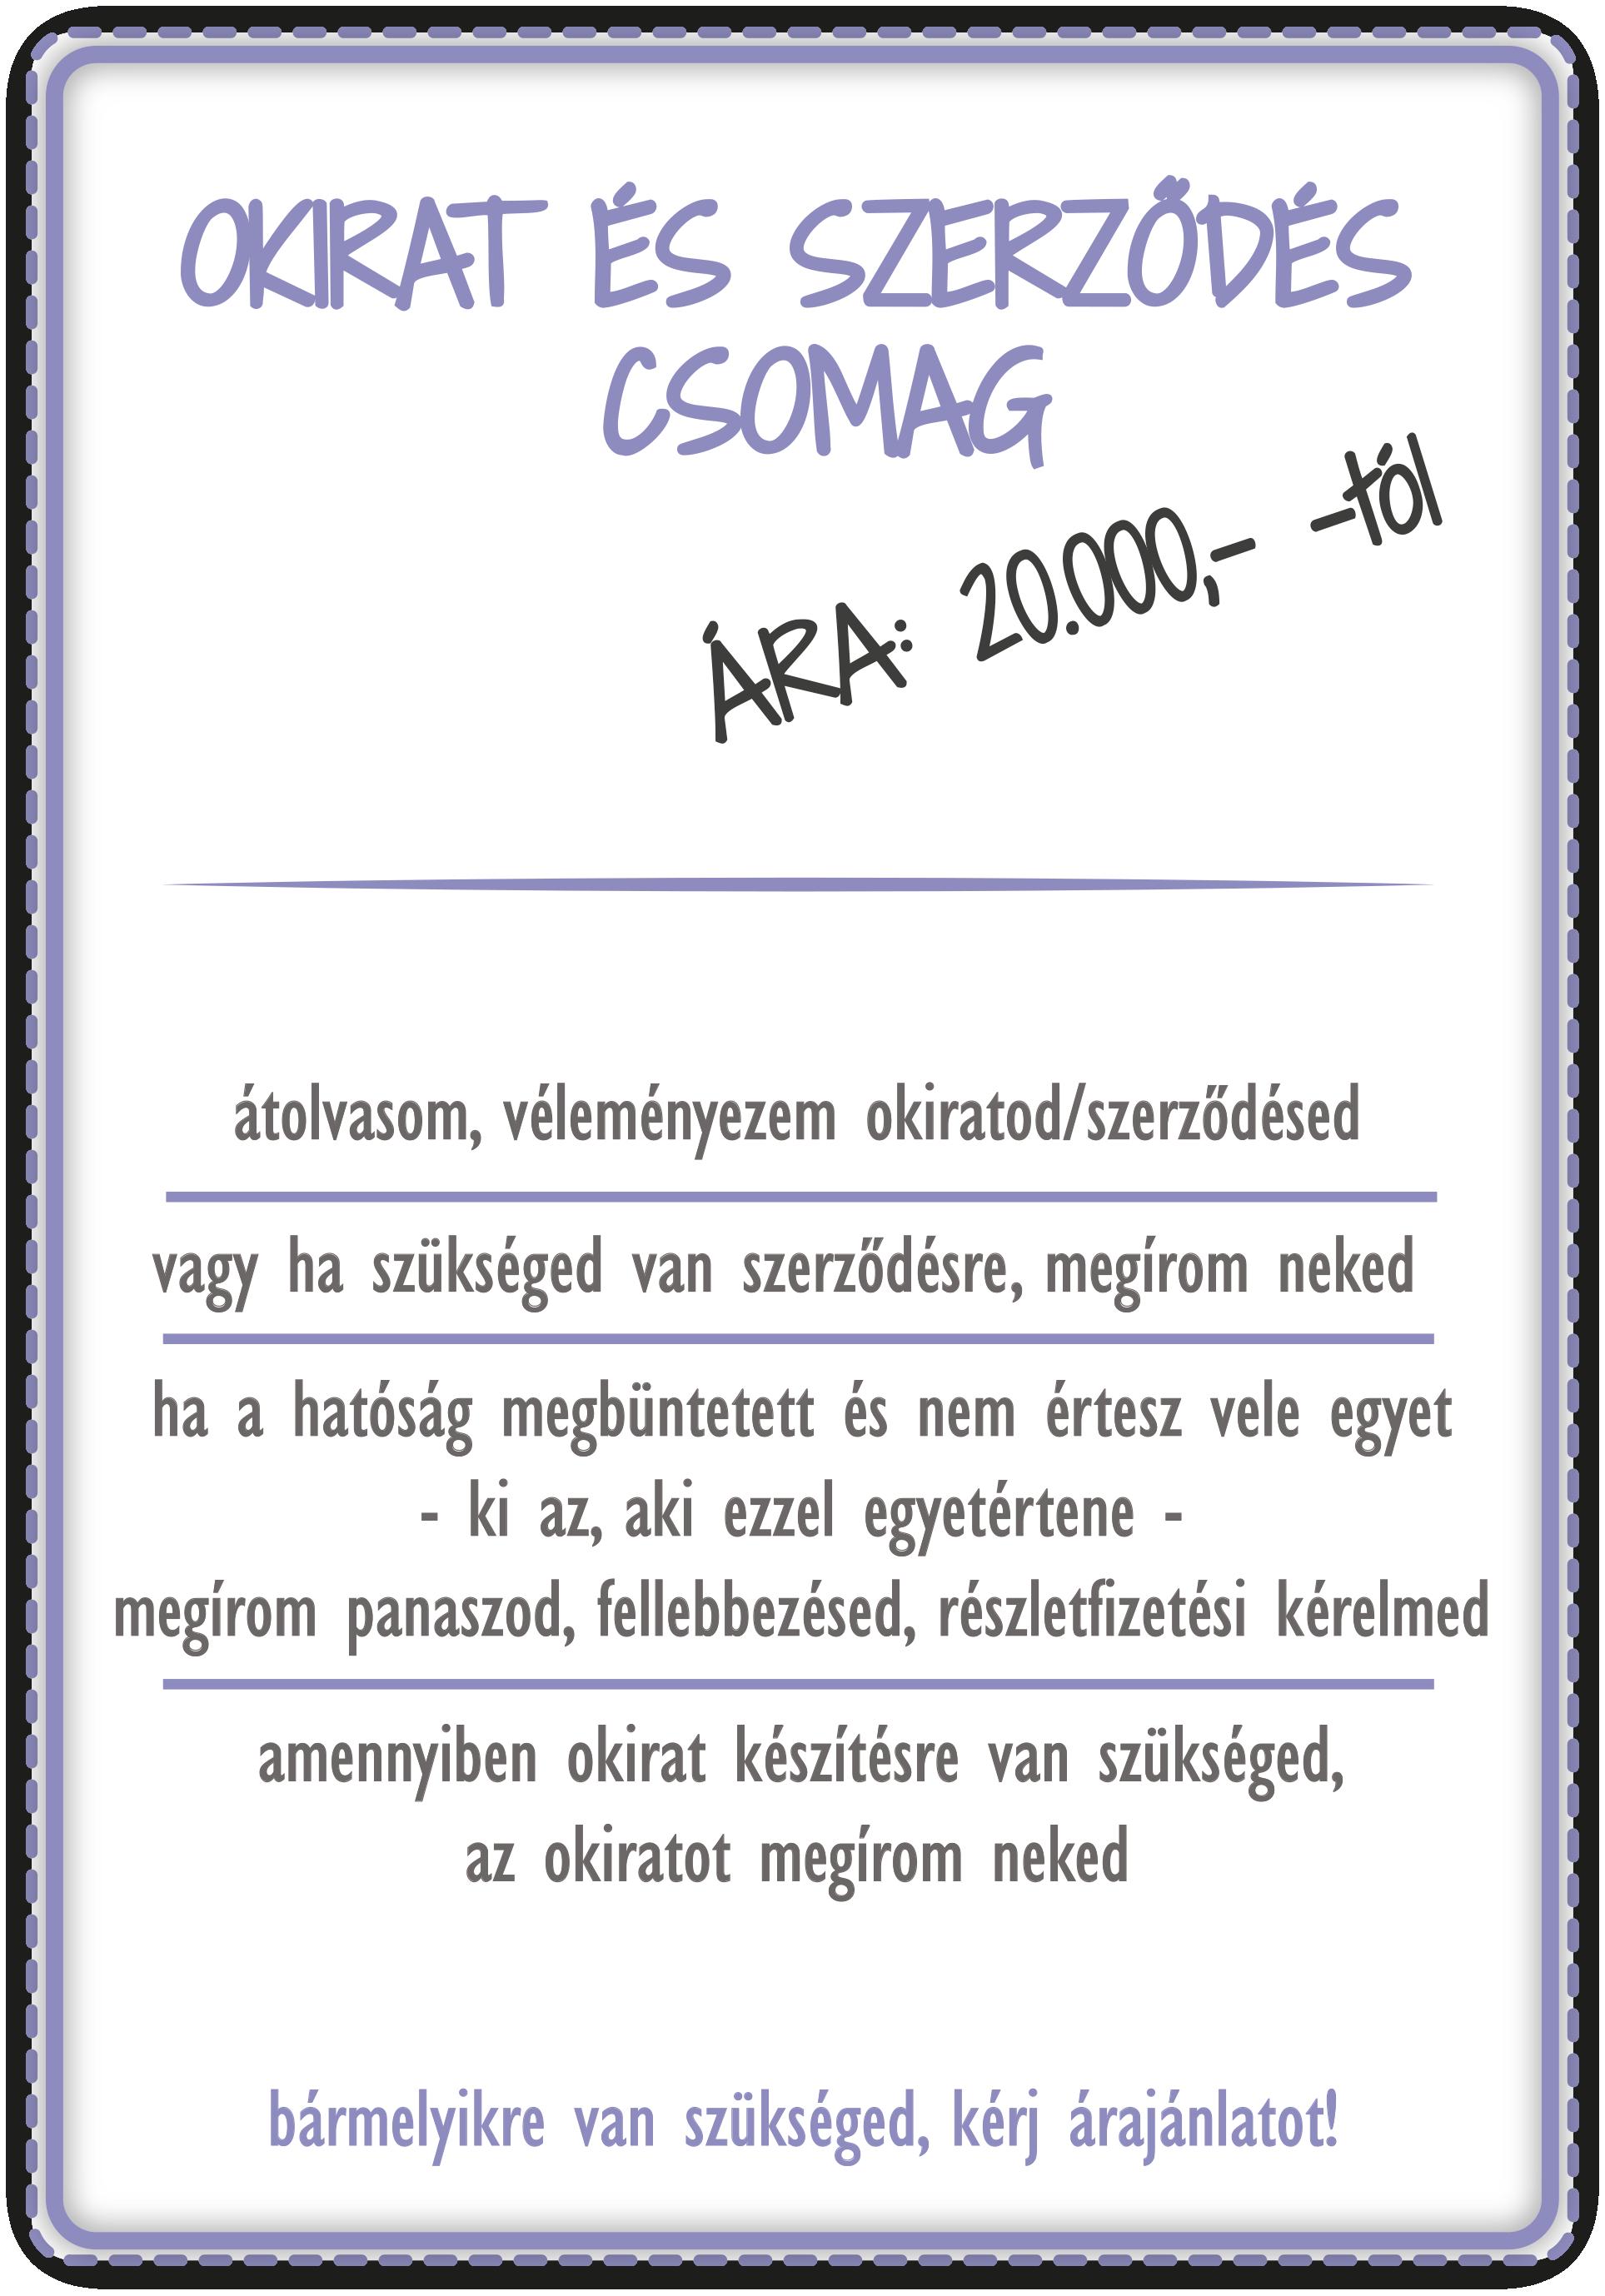 okirat és szerződés csomag